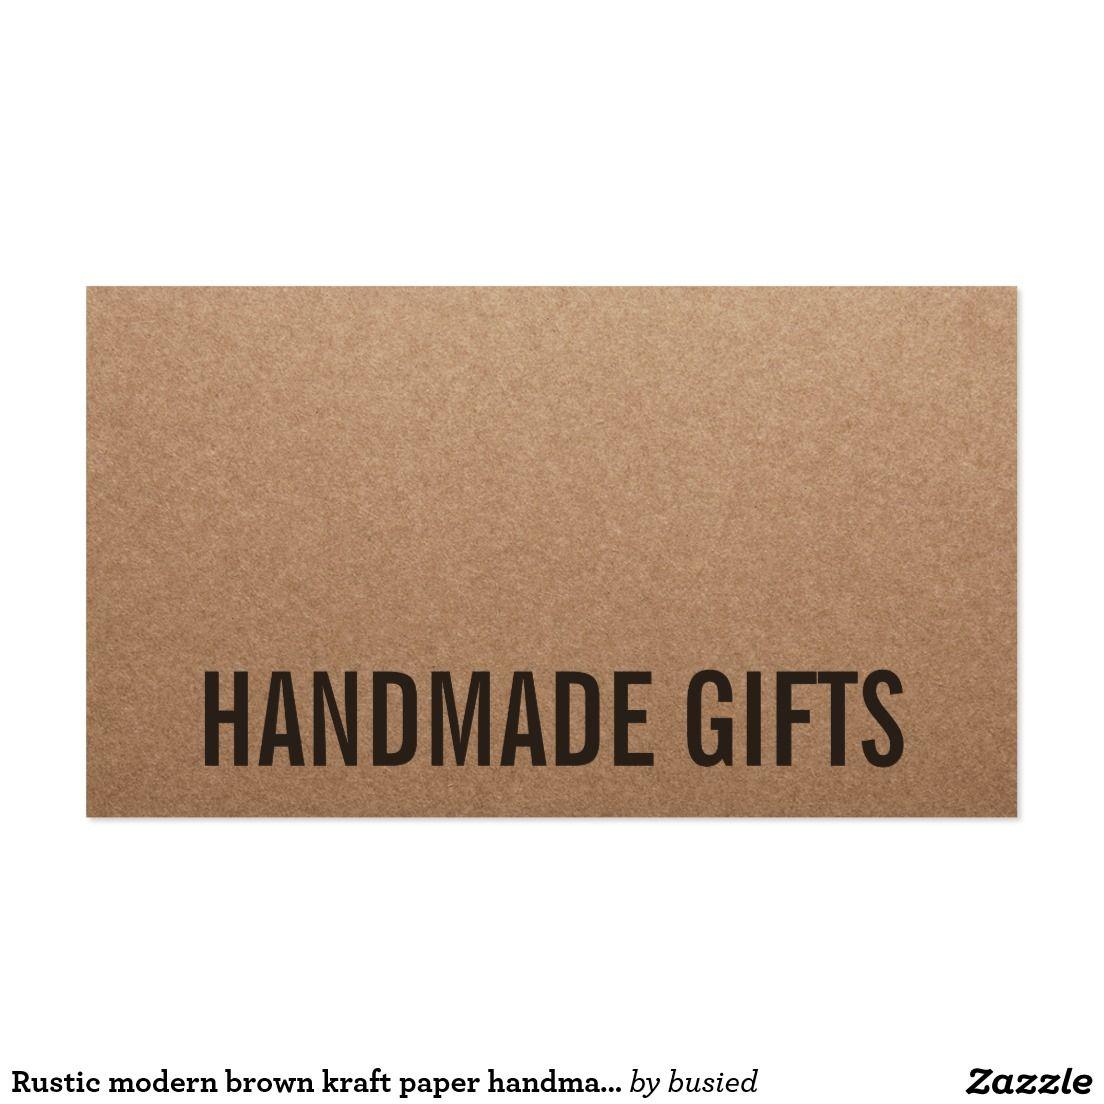 Rustic modern brown kraft paper handmade cardboard business card ...